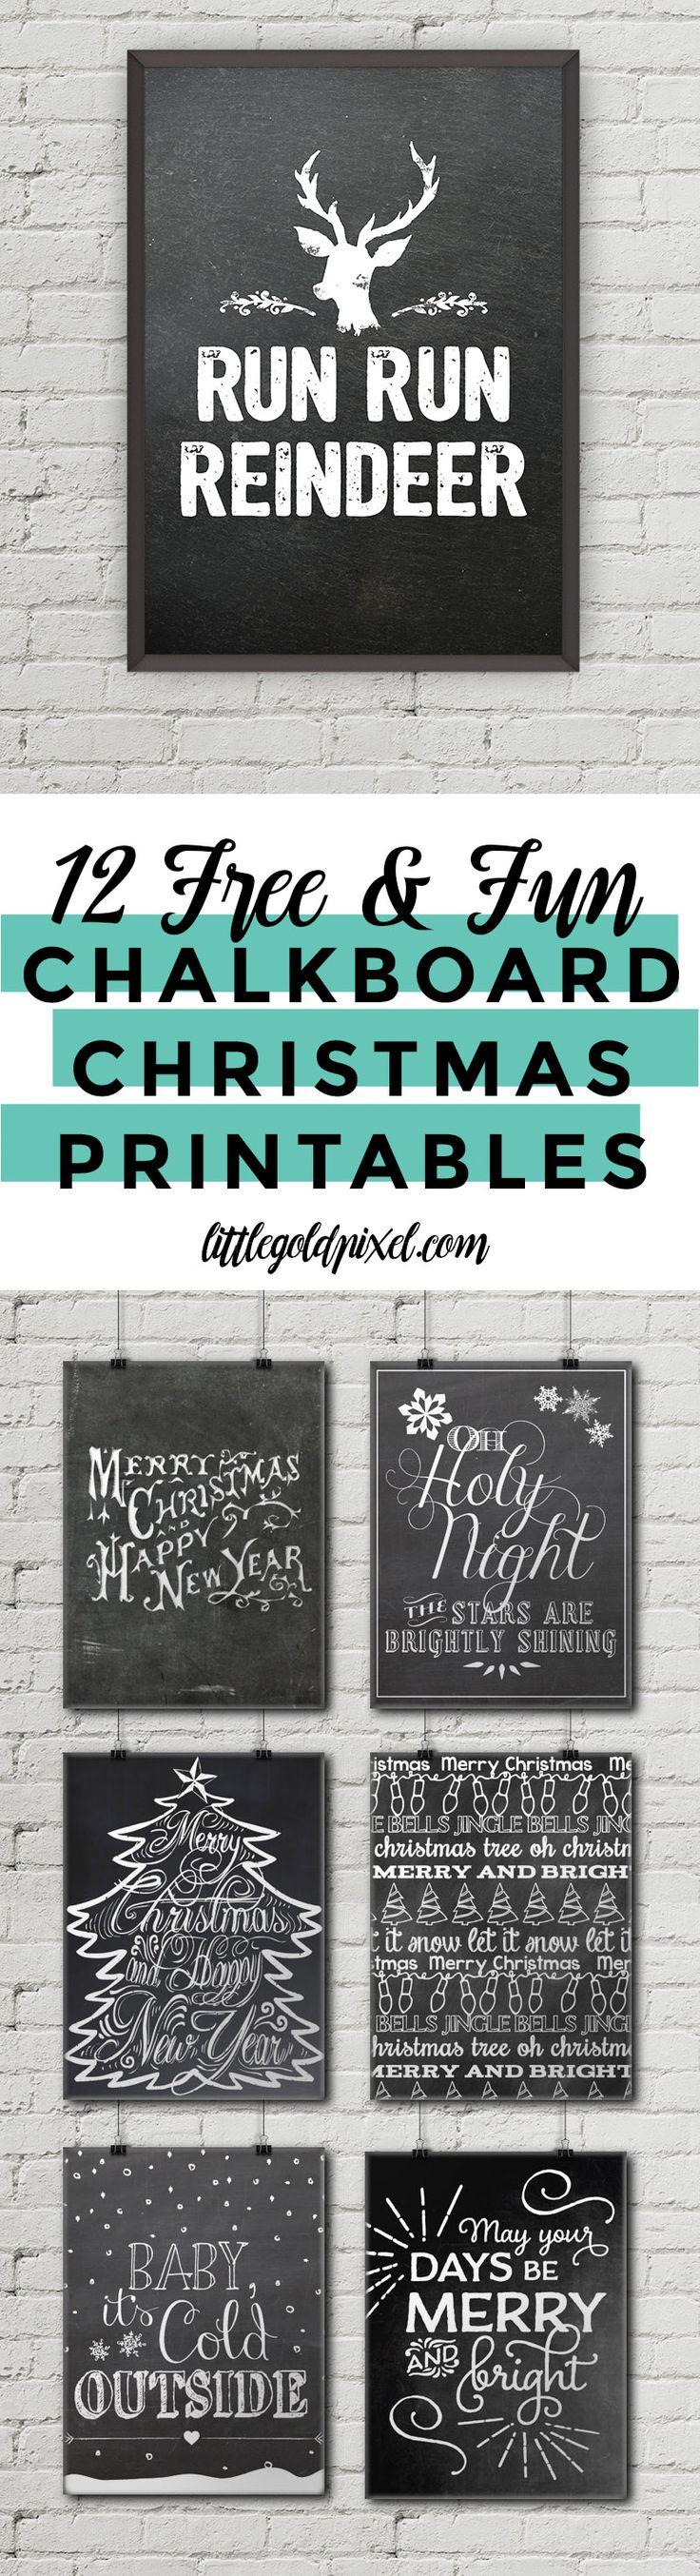 109 best Chalkboard art images on Pinterest | Chalkboard designs ...